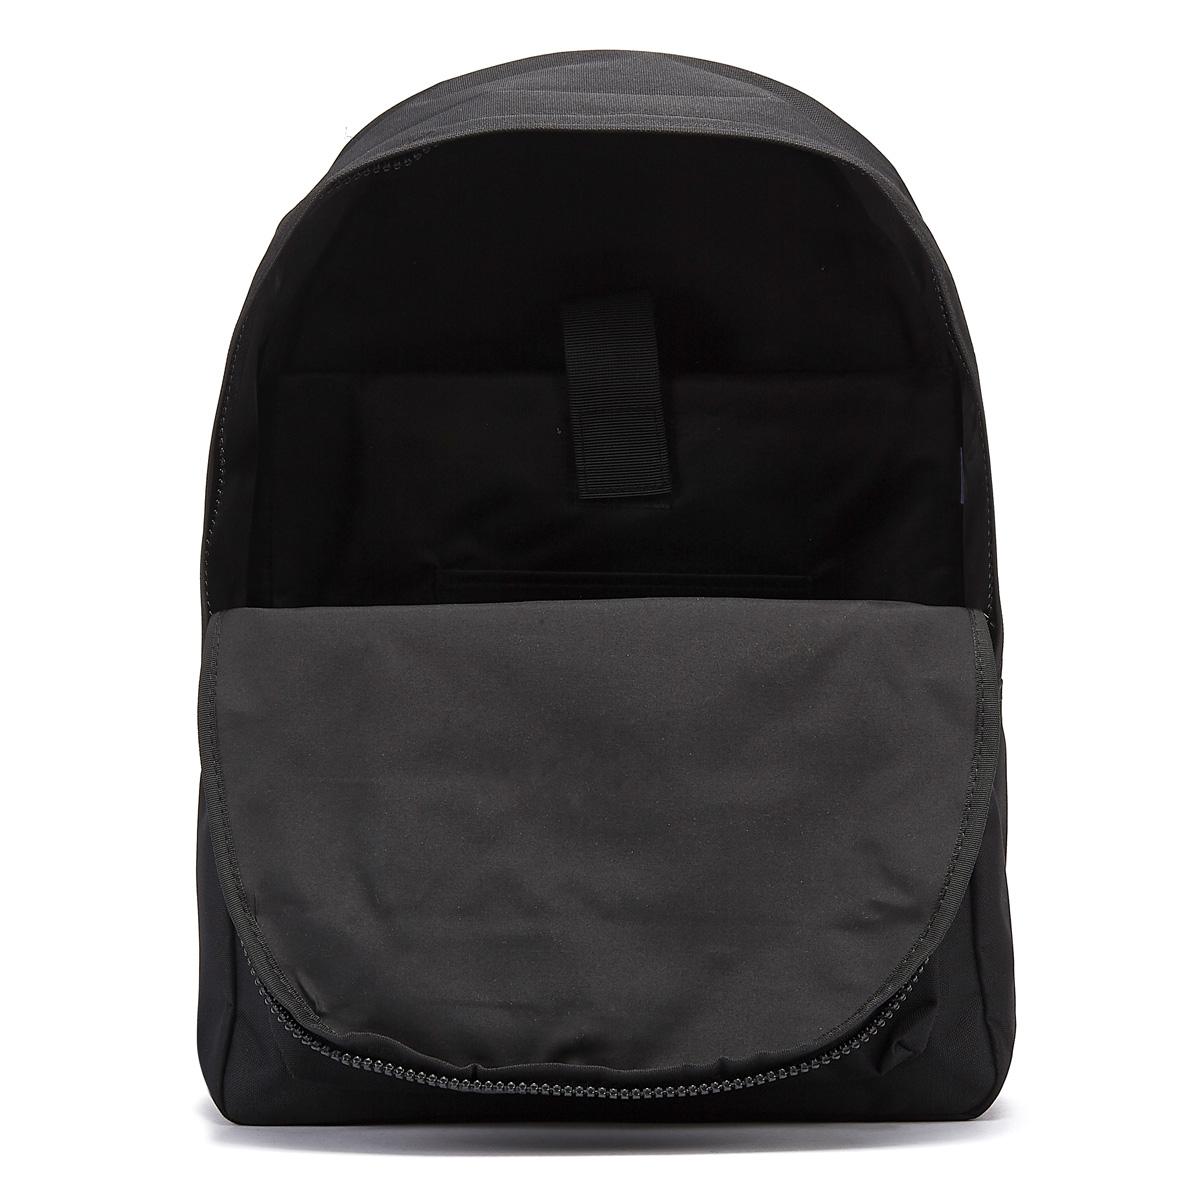 2392d27404 Fila Verdon Black Backpack Unisex Travel School Bag 5057907163272